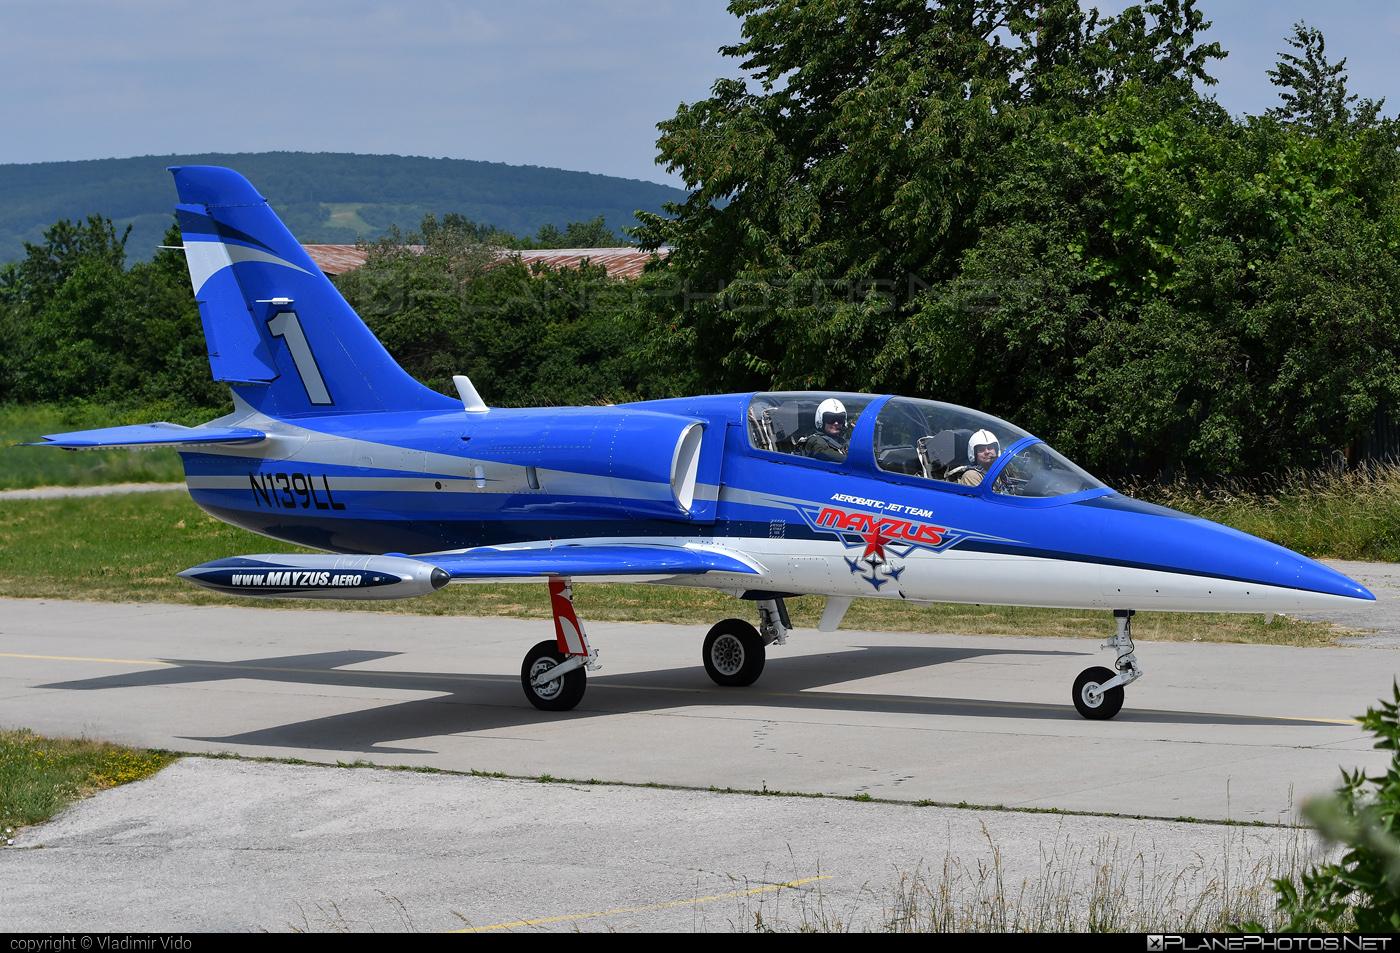 Aero L-39C Albatros - N139LL operated by Mayzus Aerobatic Jet Team #aero #aerol39 #aerol39albatros #aerol39calbatros #albatros #l39 #l39c #l39calbatros #mayzusaerobaticjetteam